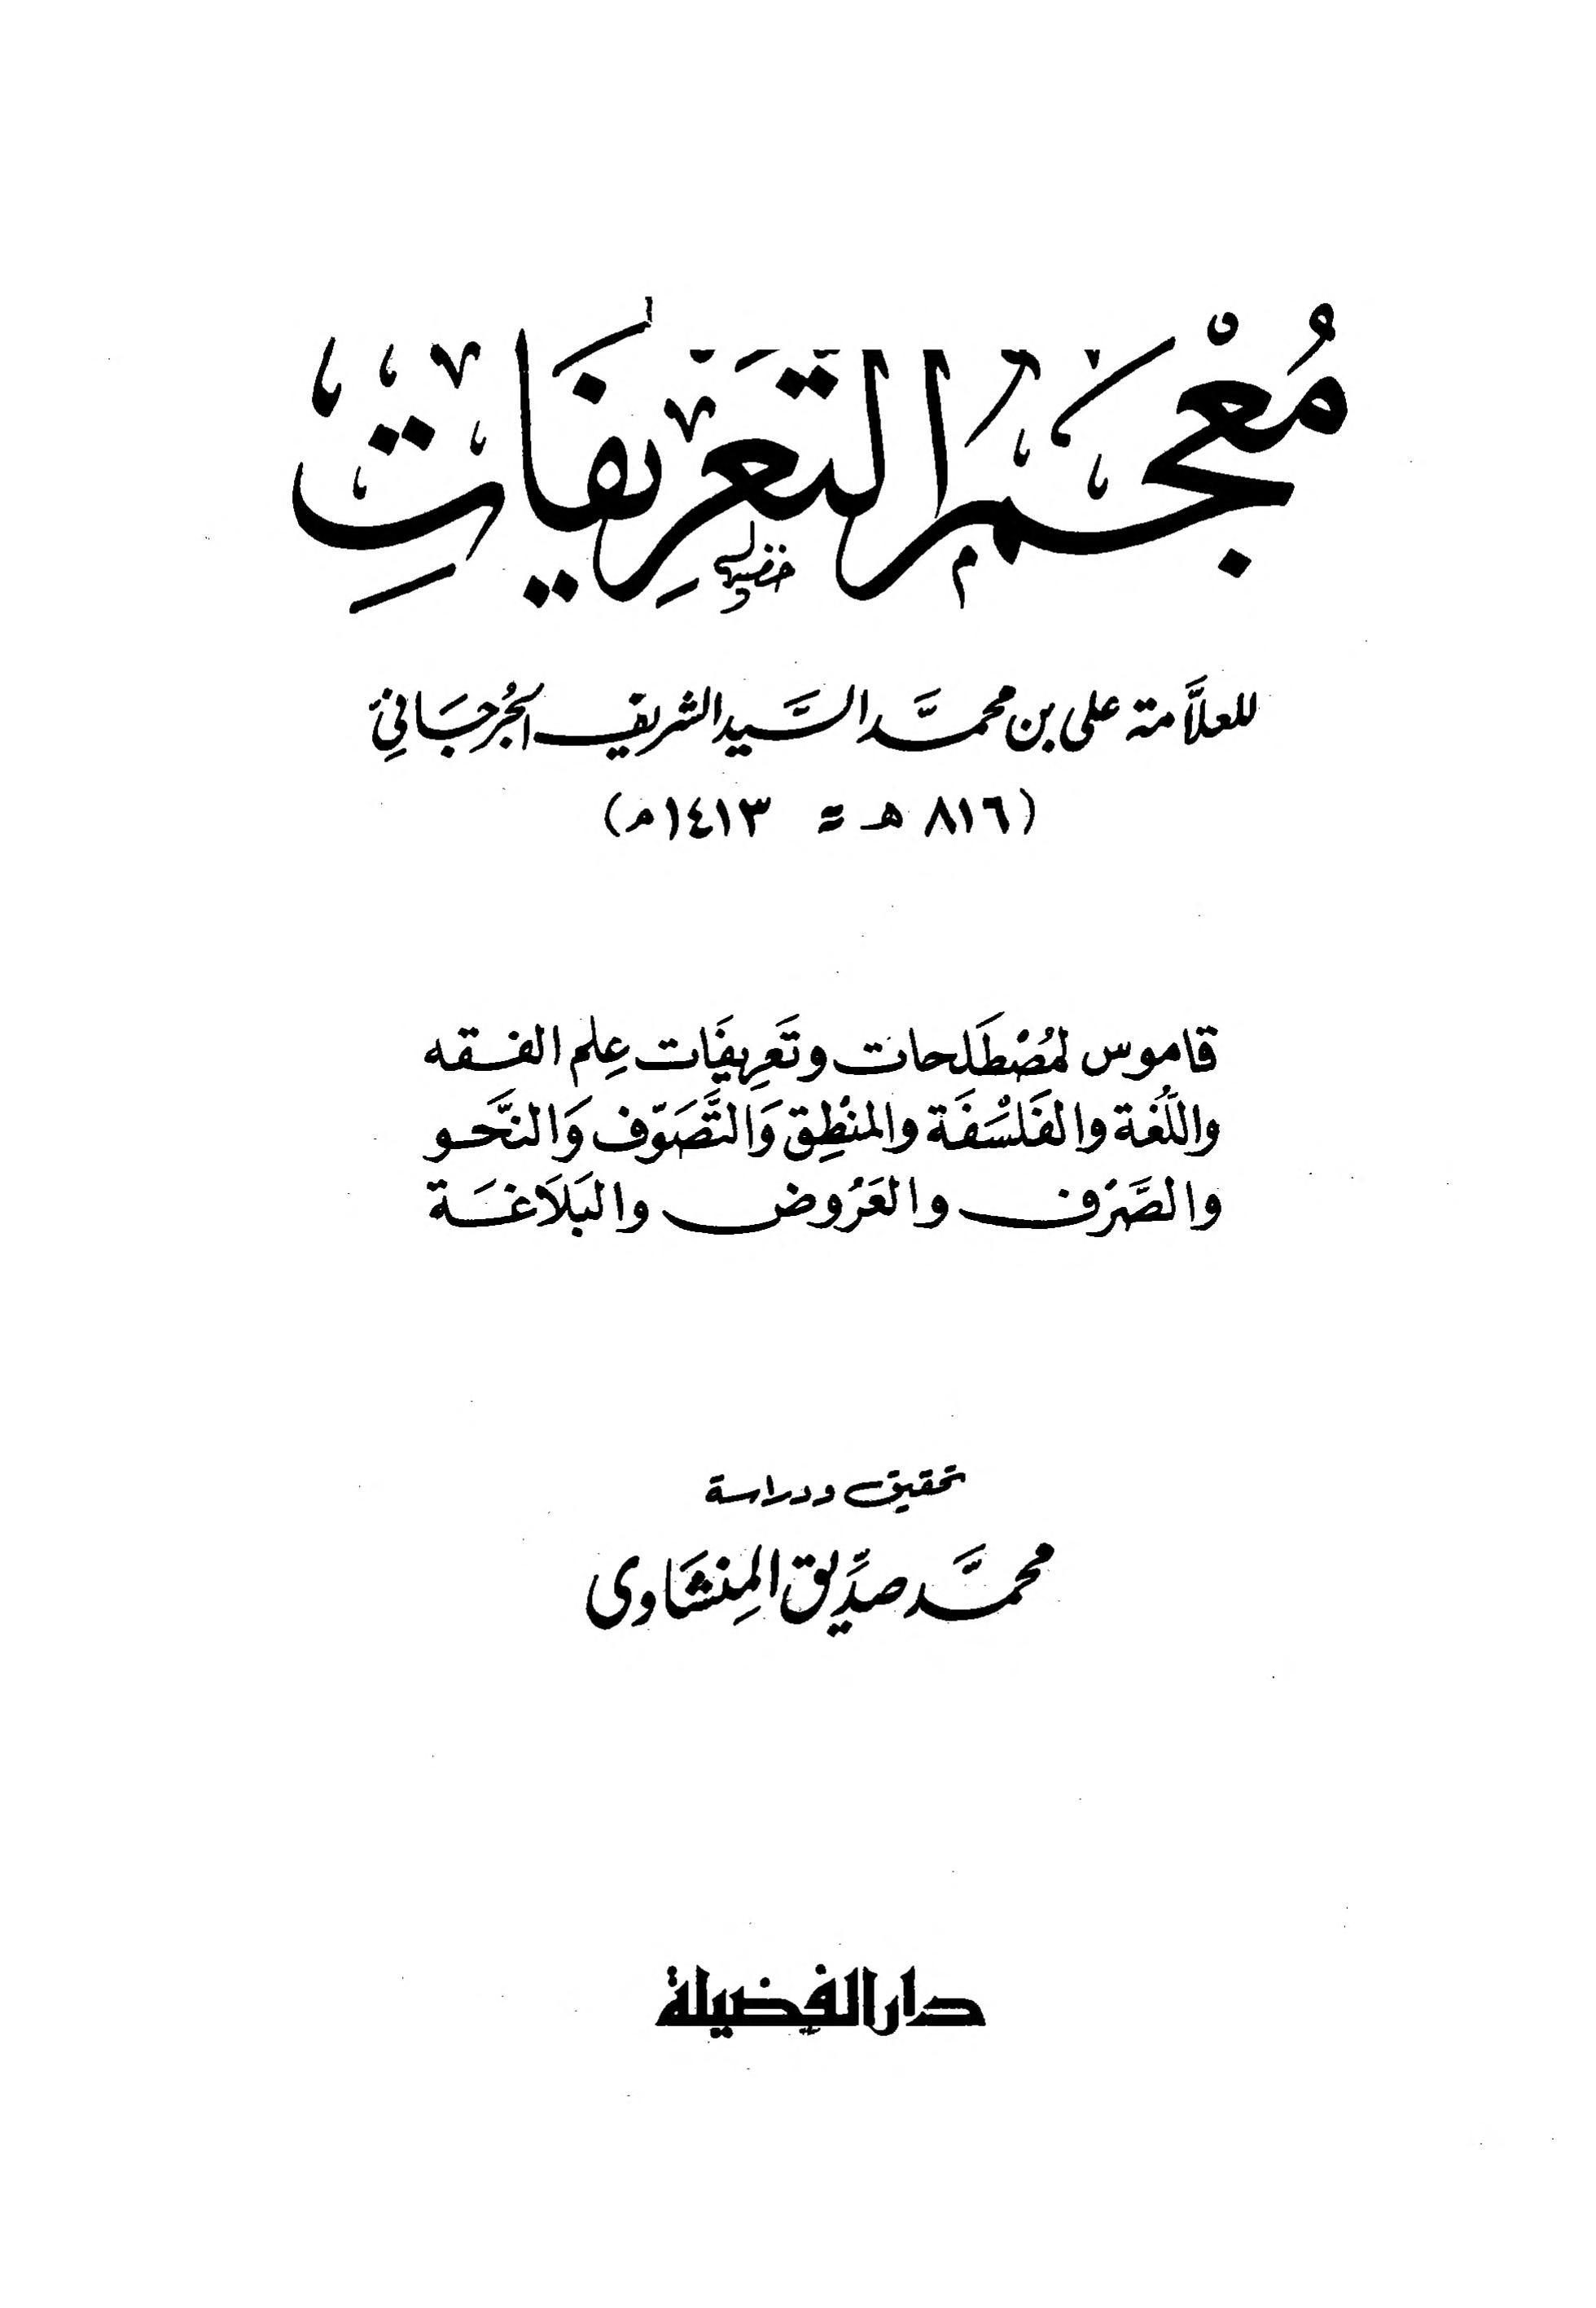 المعاجم اللغوية مجموعة متميزة وشاملة من معاجم اللغة العربية In 2021 Arabic Books Books To Read Books